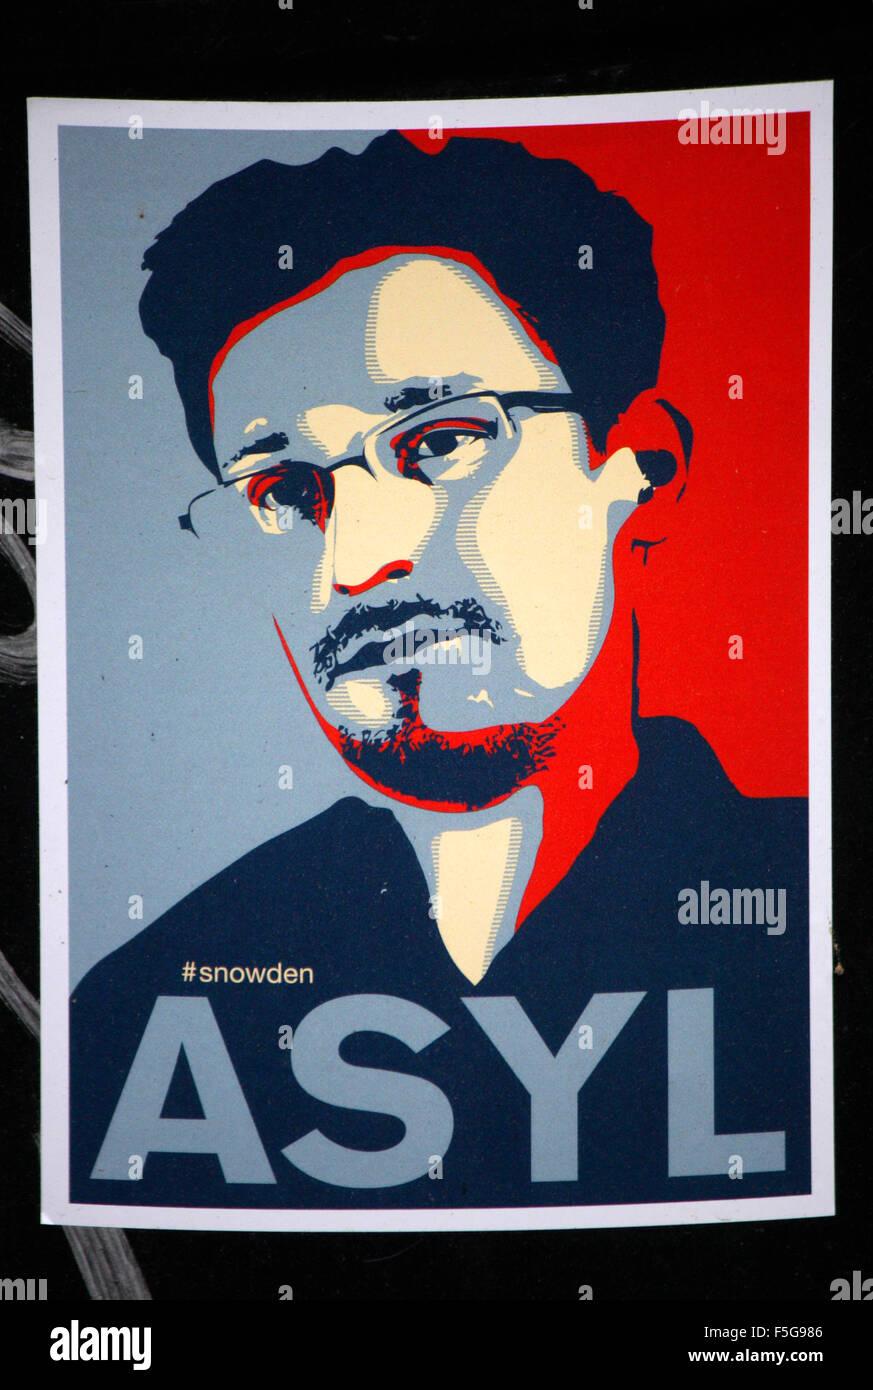 Aufkleber mit dem Portrait von Edward Snoden und dem Slogan 'Asyl', Berlin-Tiergarten. - Stock Image